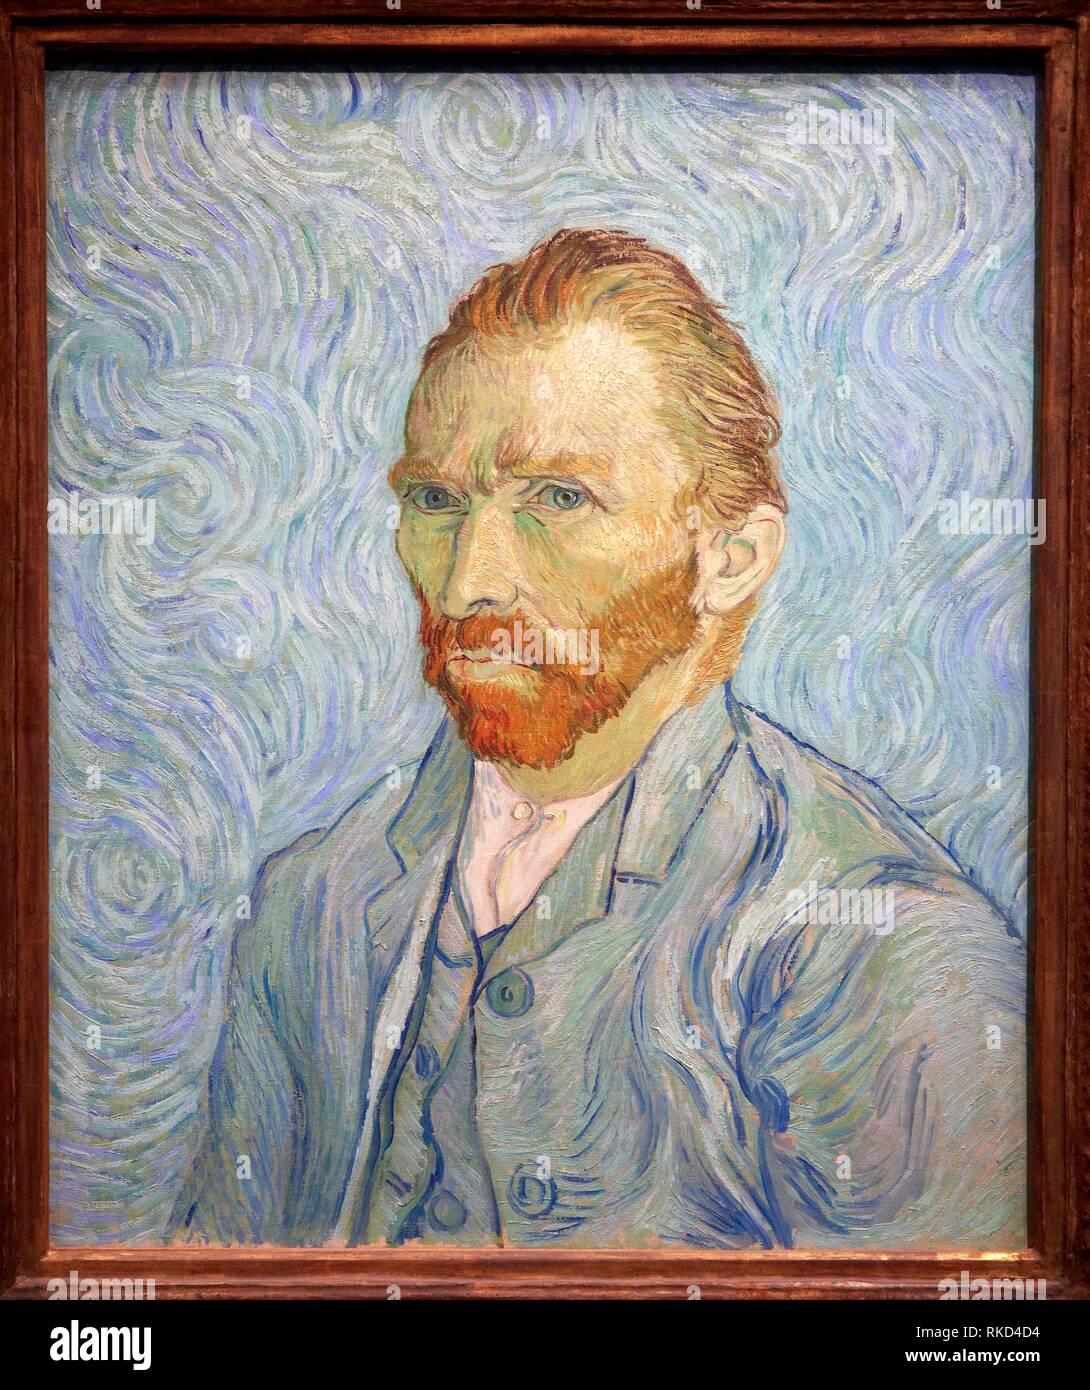 ''' Self-Portrait '', 1889, by Vincent Van Gogh (1853-1890), oil on canvas, 65x54 cm. Musée d'Orsay. Orsay Museum. Paris. France. - Stock Image